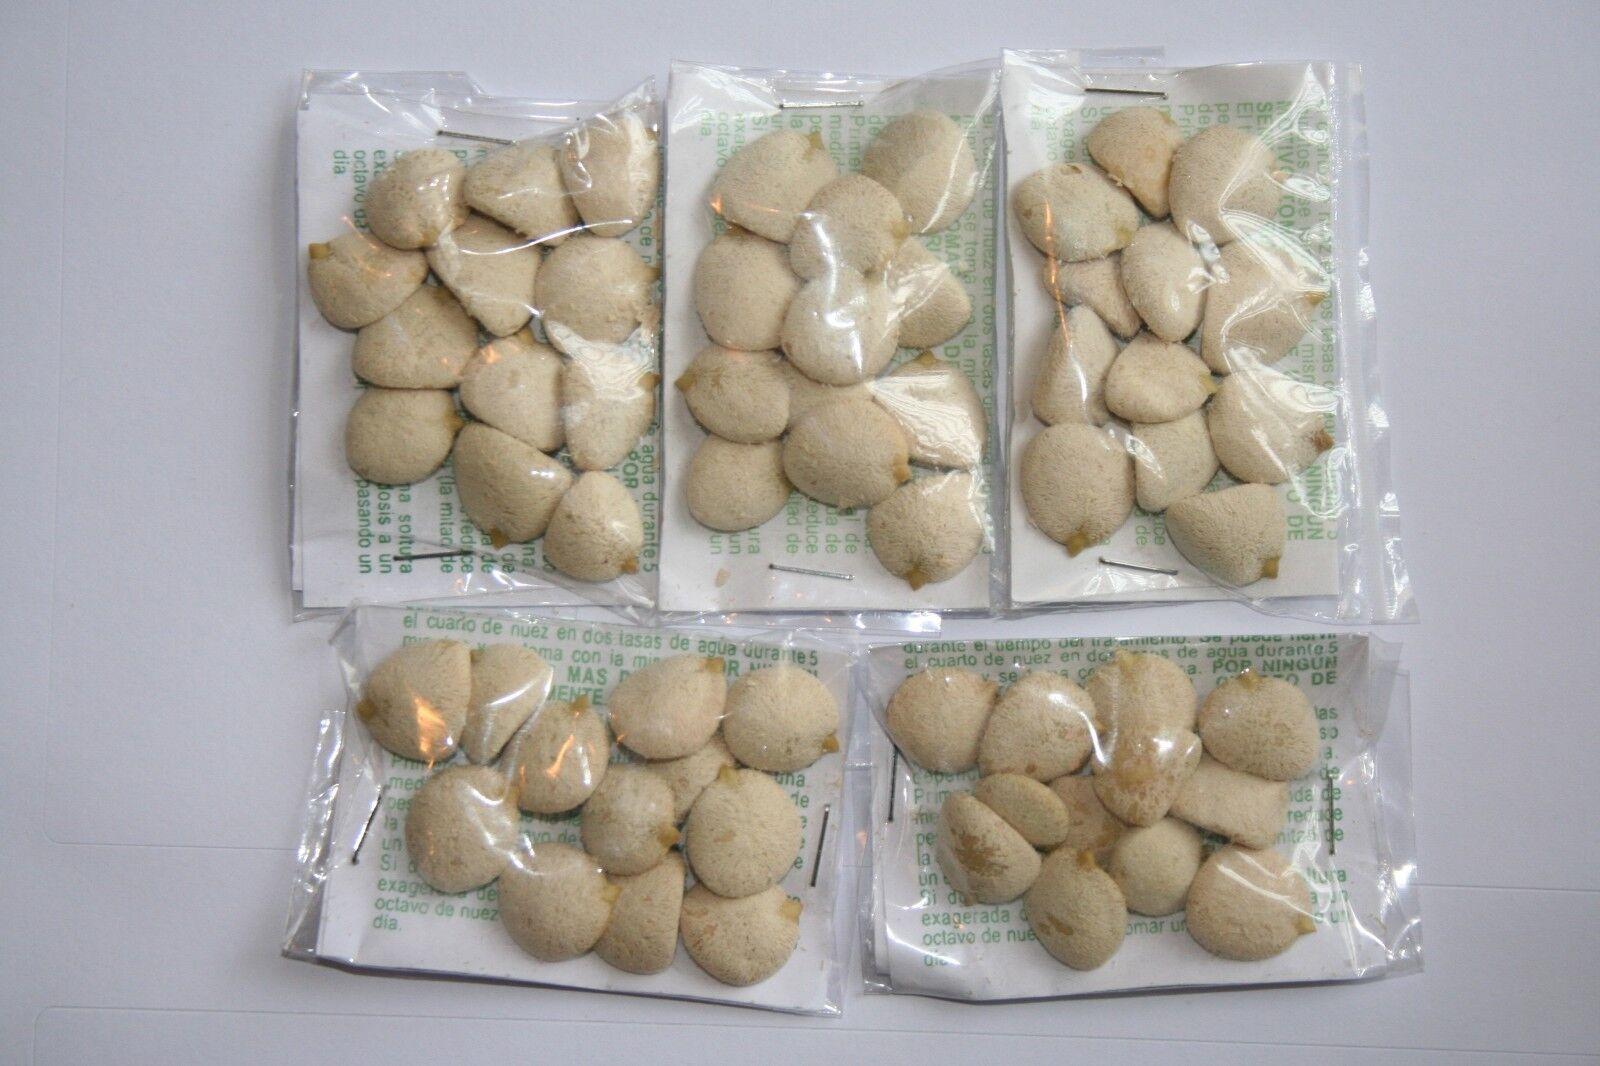 5 Packs Nuez de la India, 100% GARANTIZADA,OFERTA ESPECIAL,i